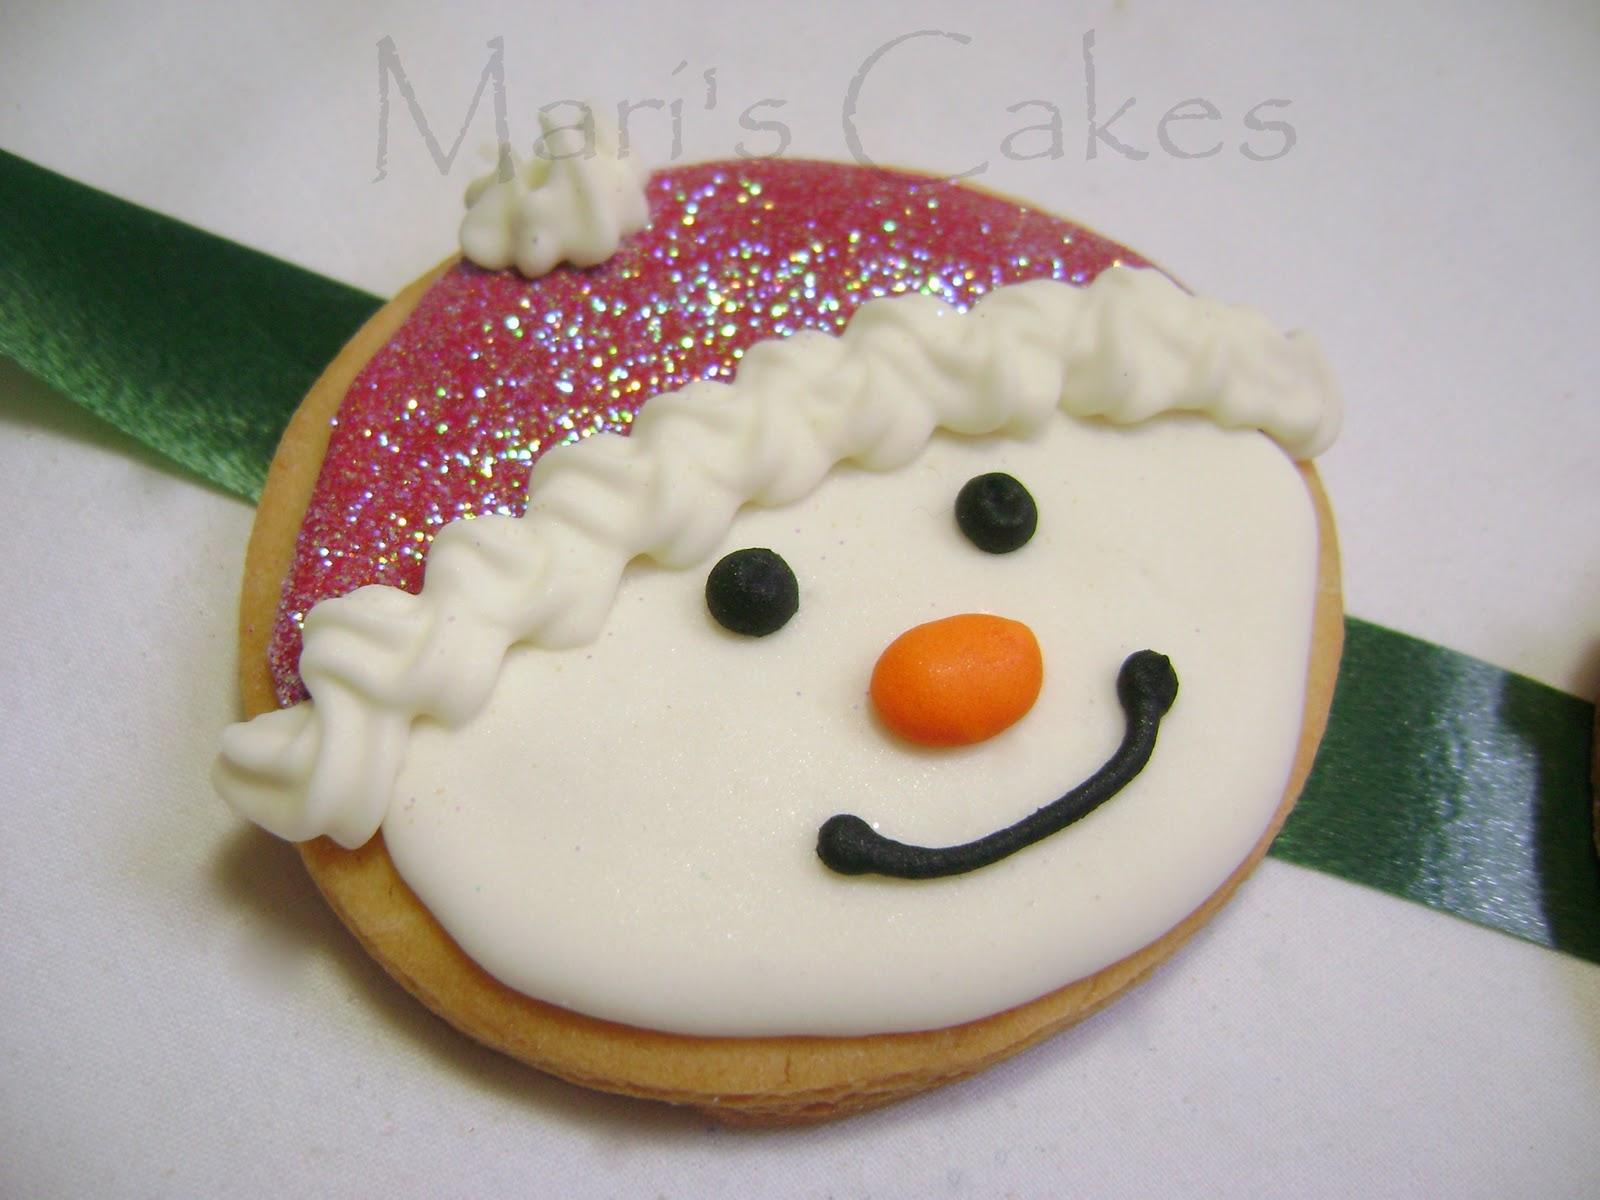 Imagenes De Galletas De Navidad Decoradas.Galletas Decoradas Navidad 2011 Mari S Cakes